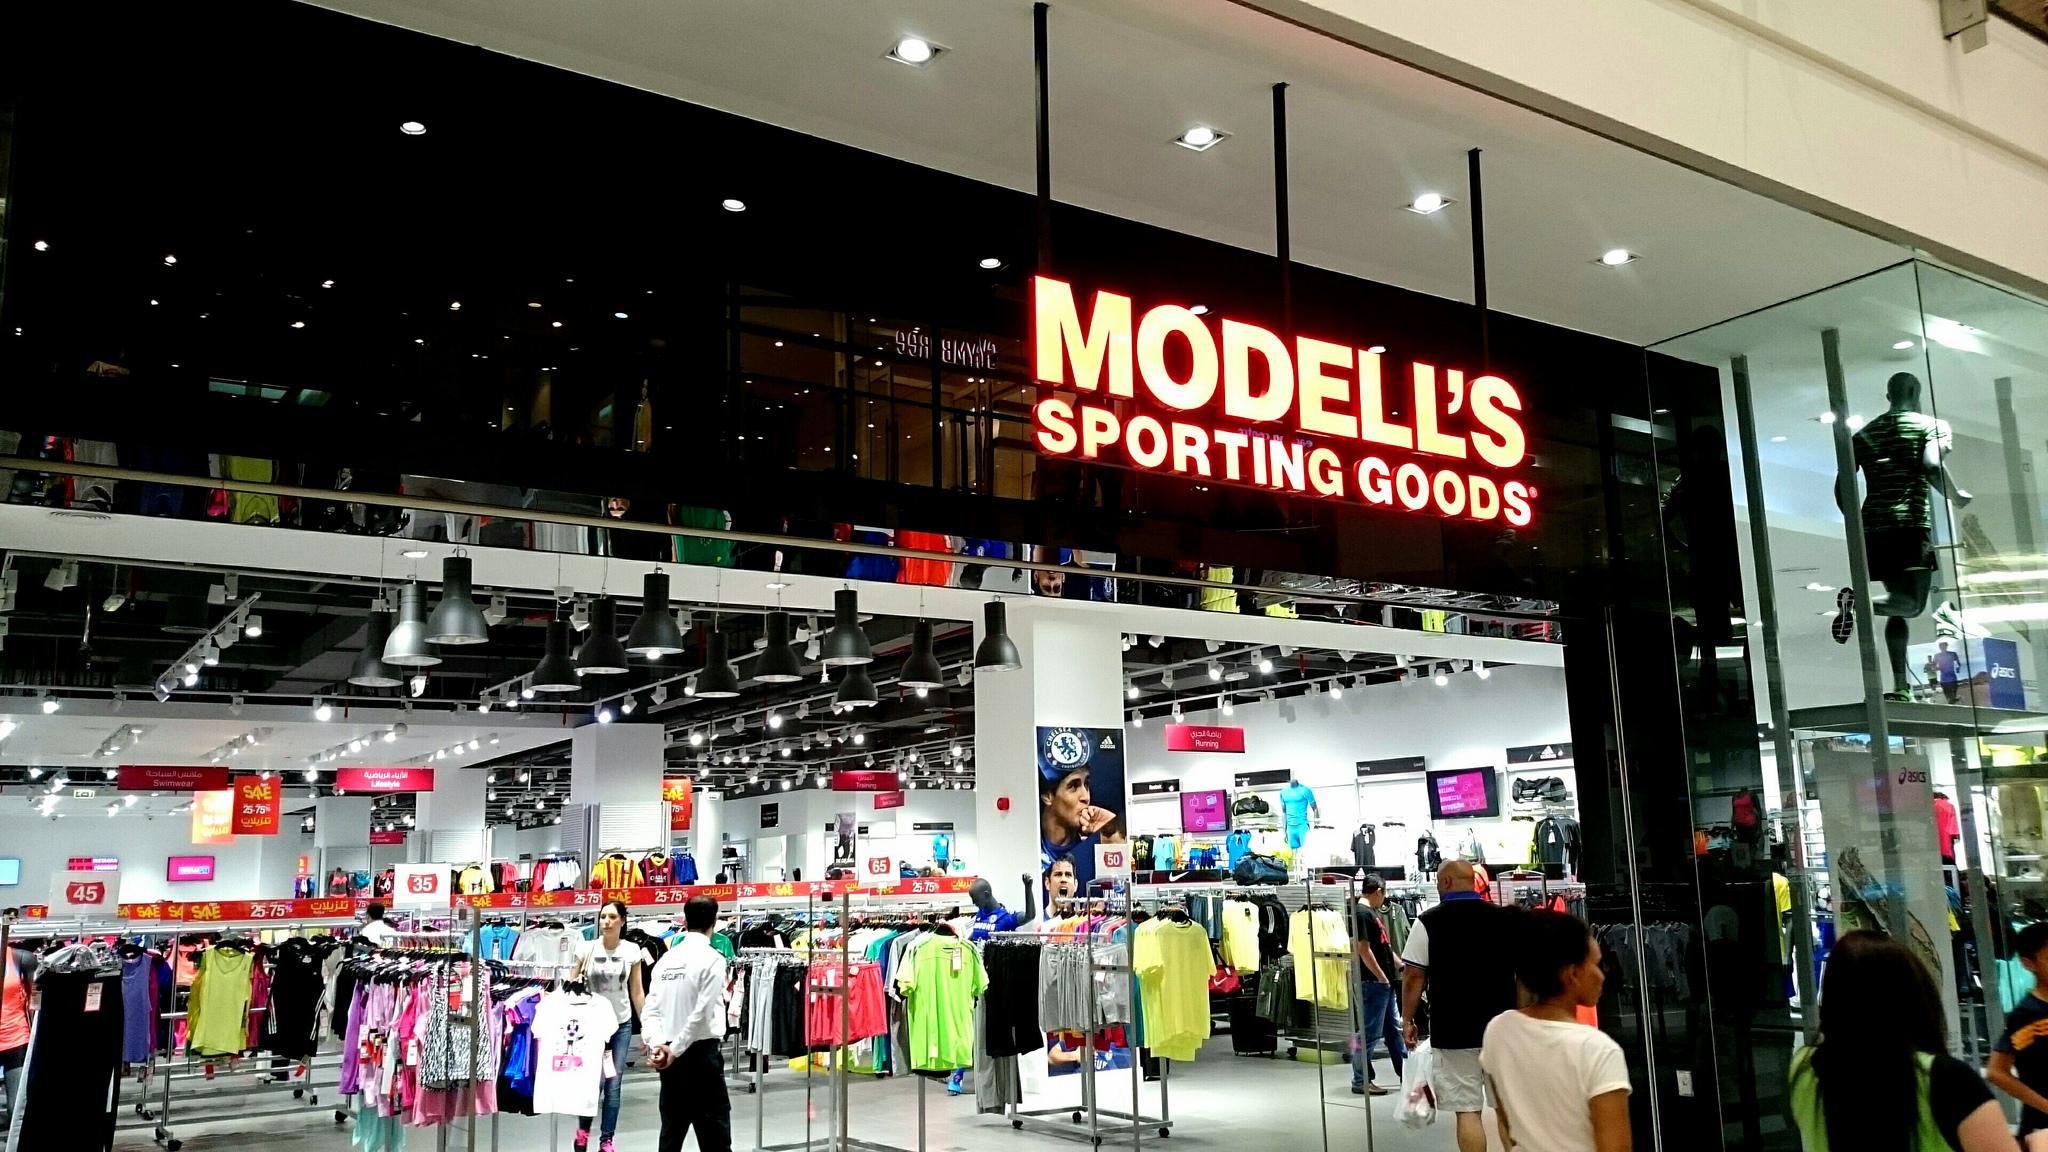 Store Bateau Blanc Ikea modells sporting goods-ibn battuta mall dubai - mall xplorer